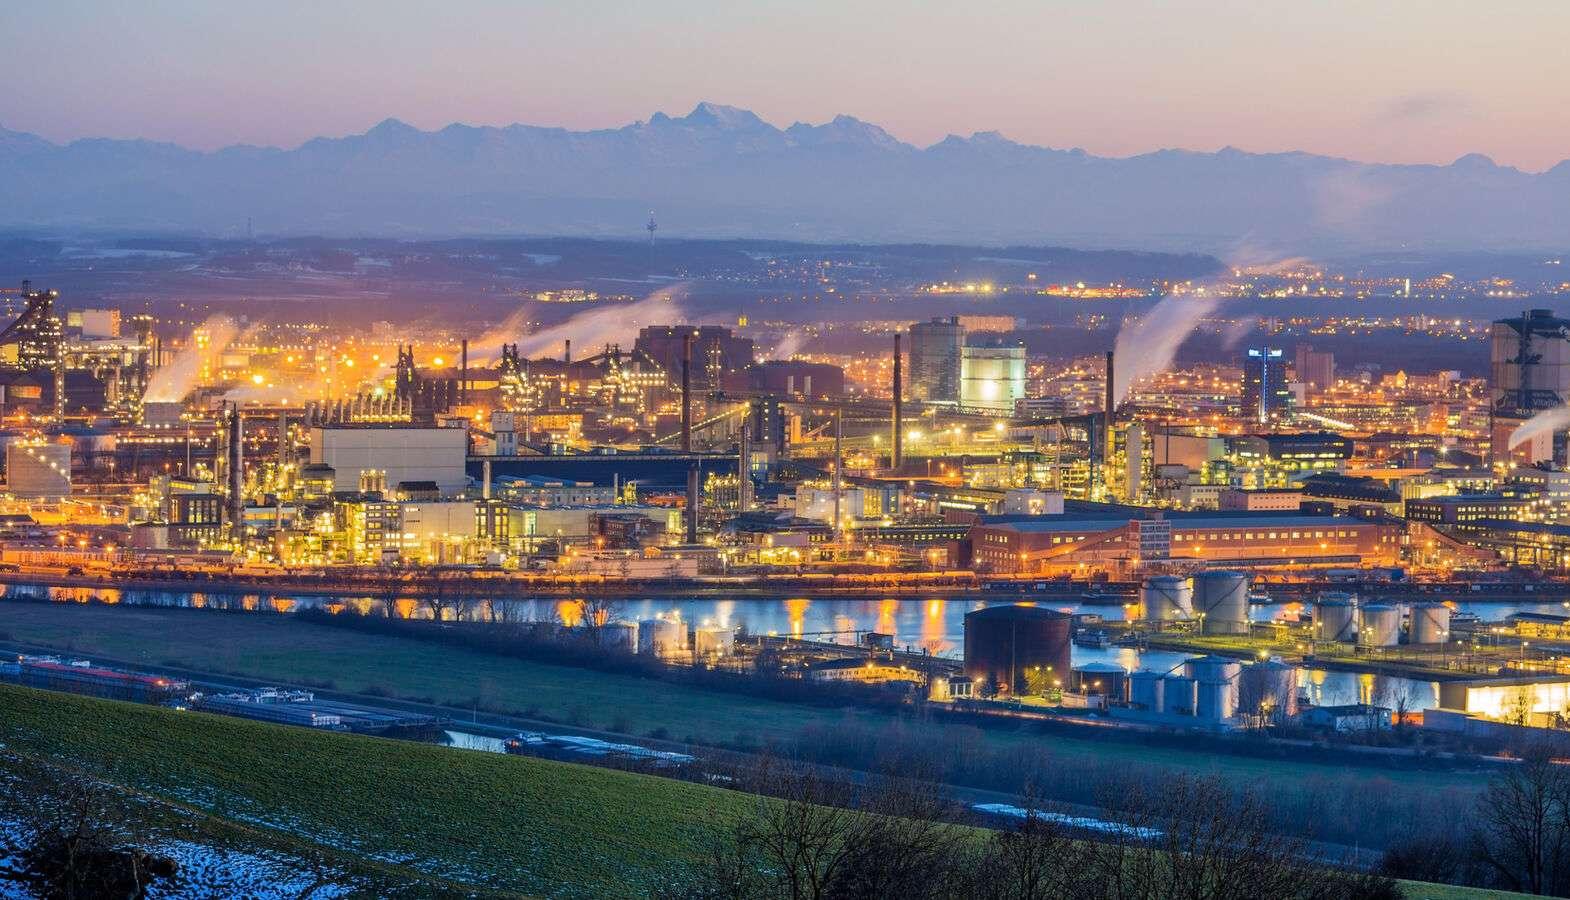 Industrieanlage bei Nacht